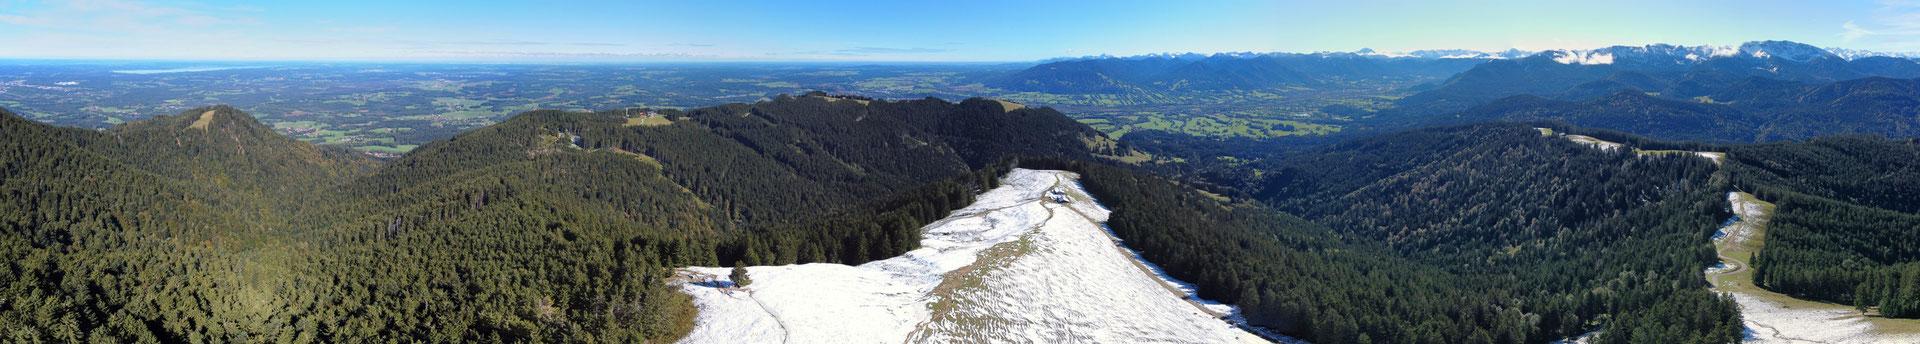 Panorama, Drohnenfoto, Zwiesel, Rund um Blick, Winter, Schnee, Grat, Alpen, Berge